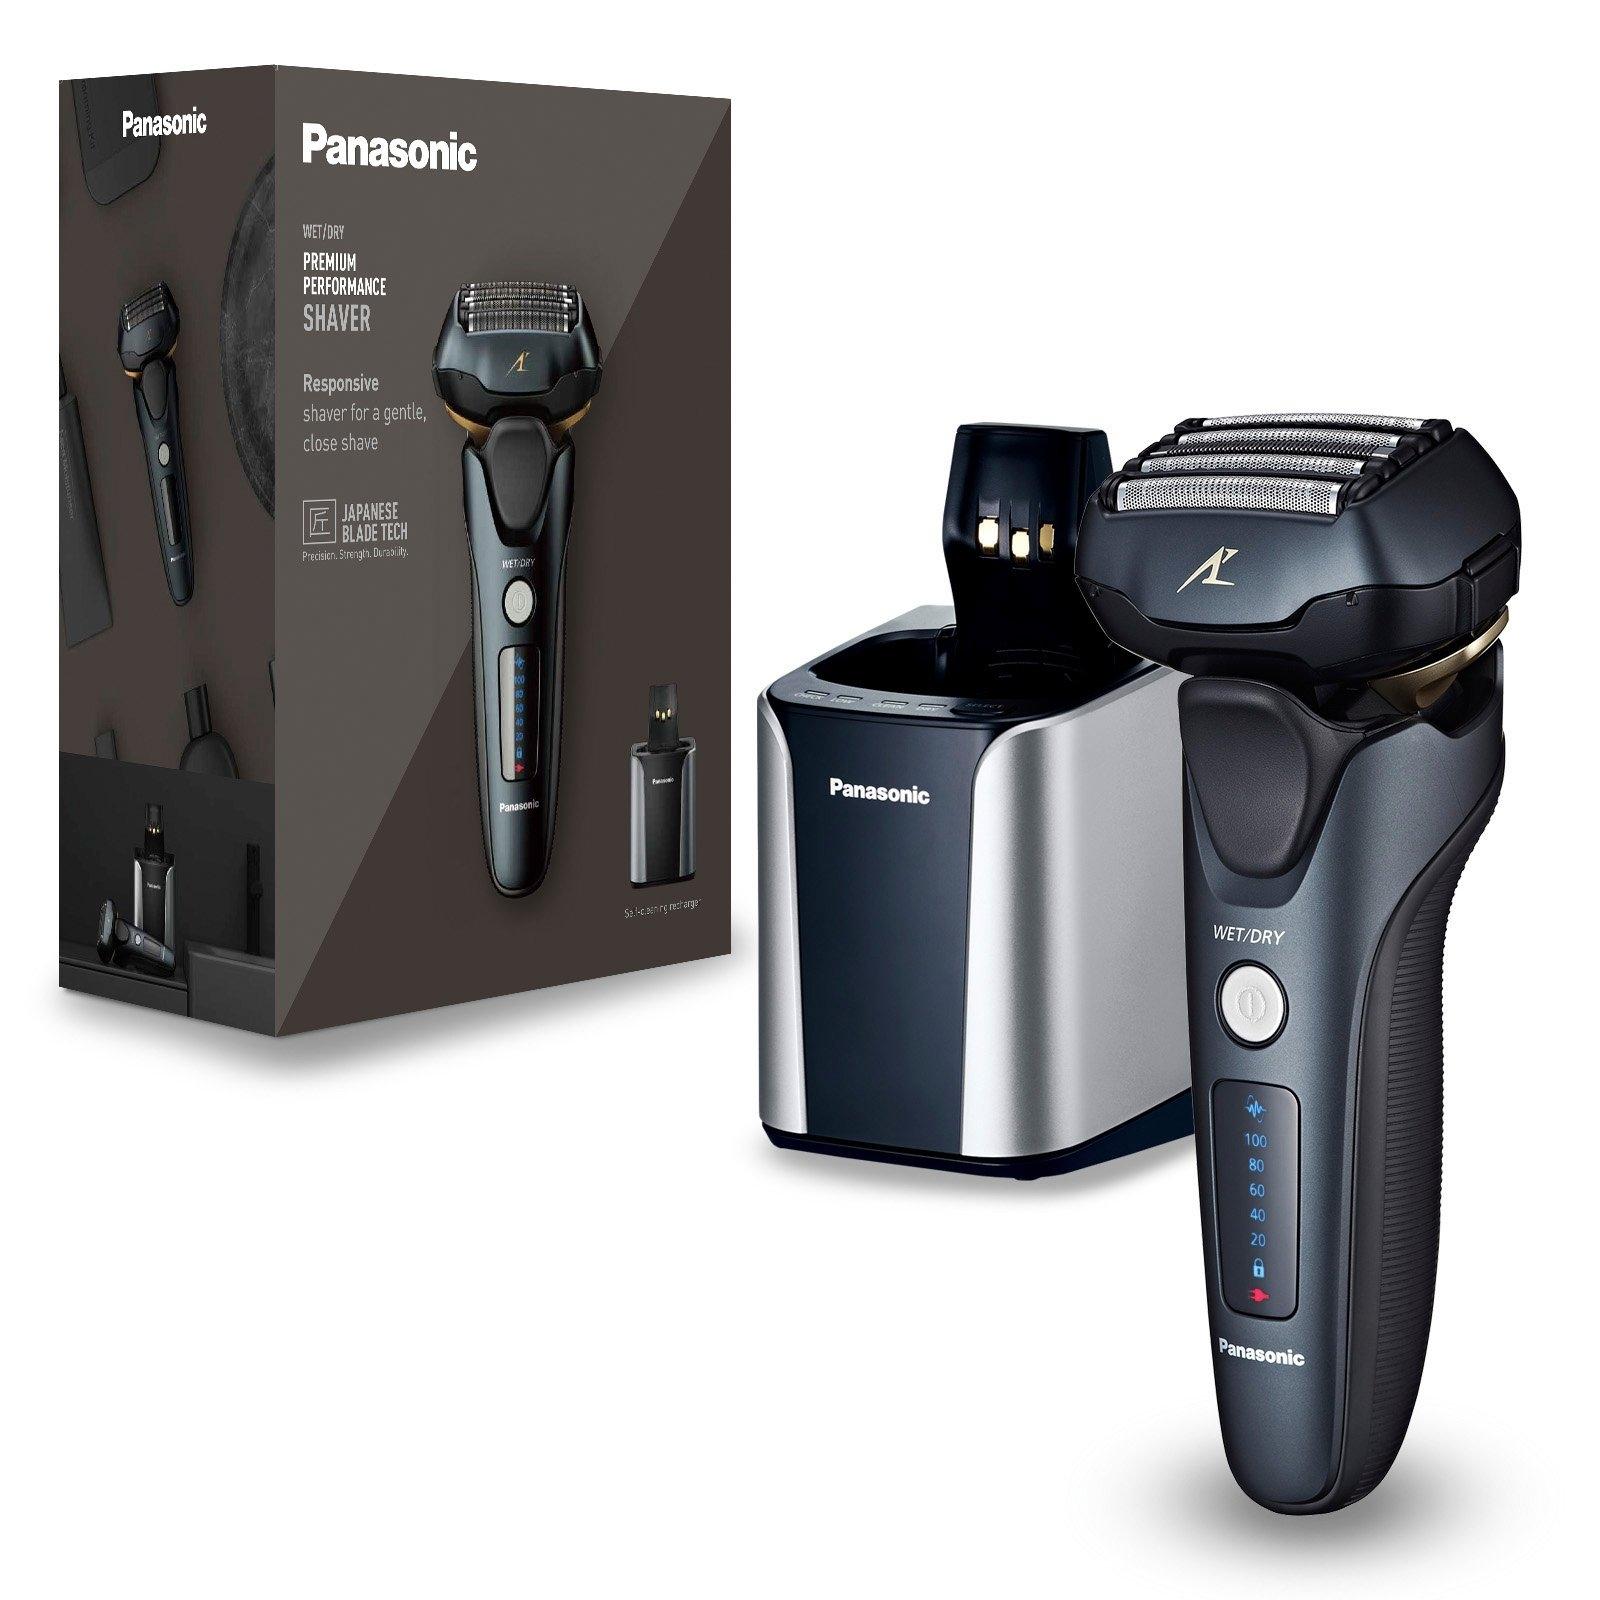 Panasonic elektrisch scheerapparaat ES-LV97-K803, Clean & Charge-Station, uitklapbare tondeuse voor lang haar bestellen: 30 dagen bedenktijd